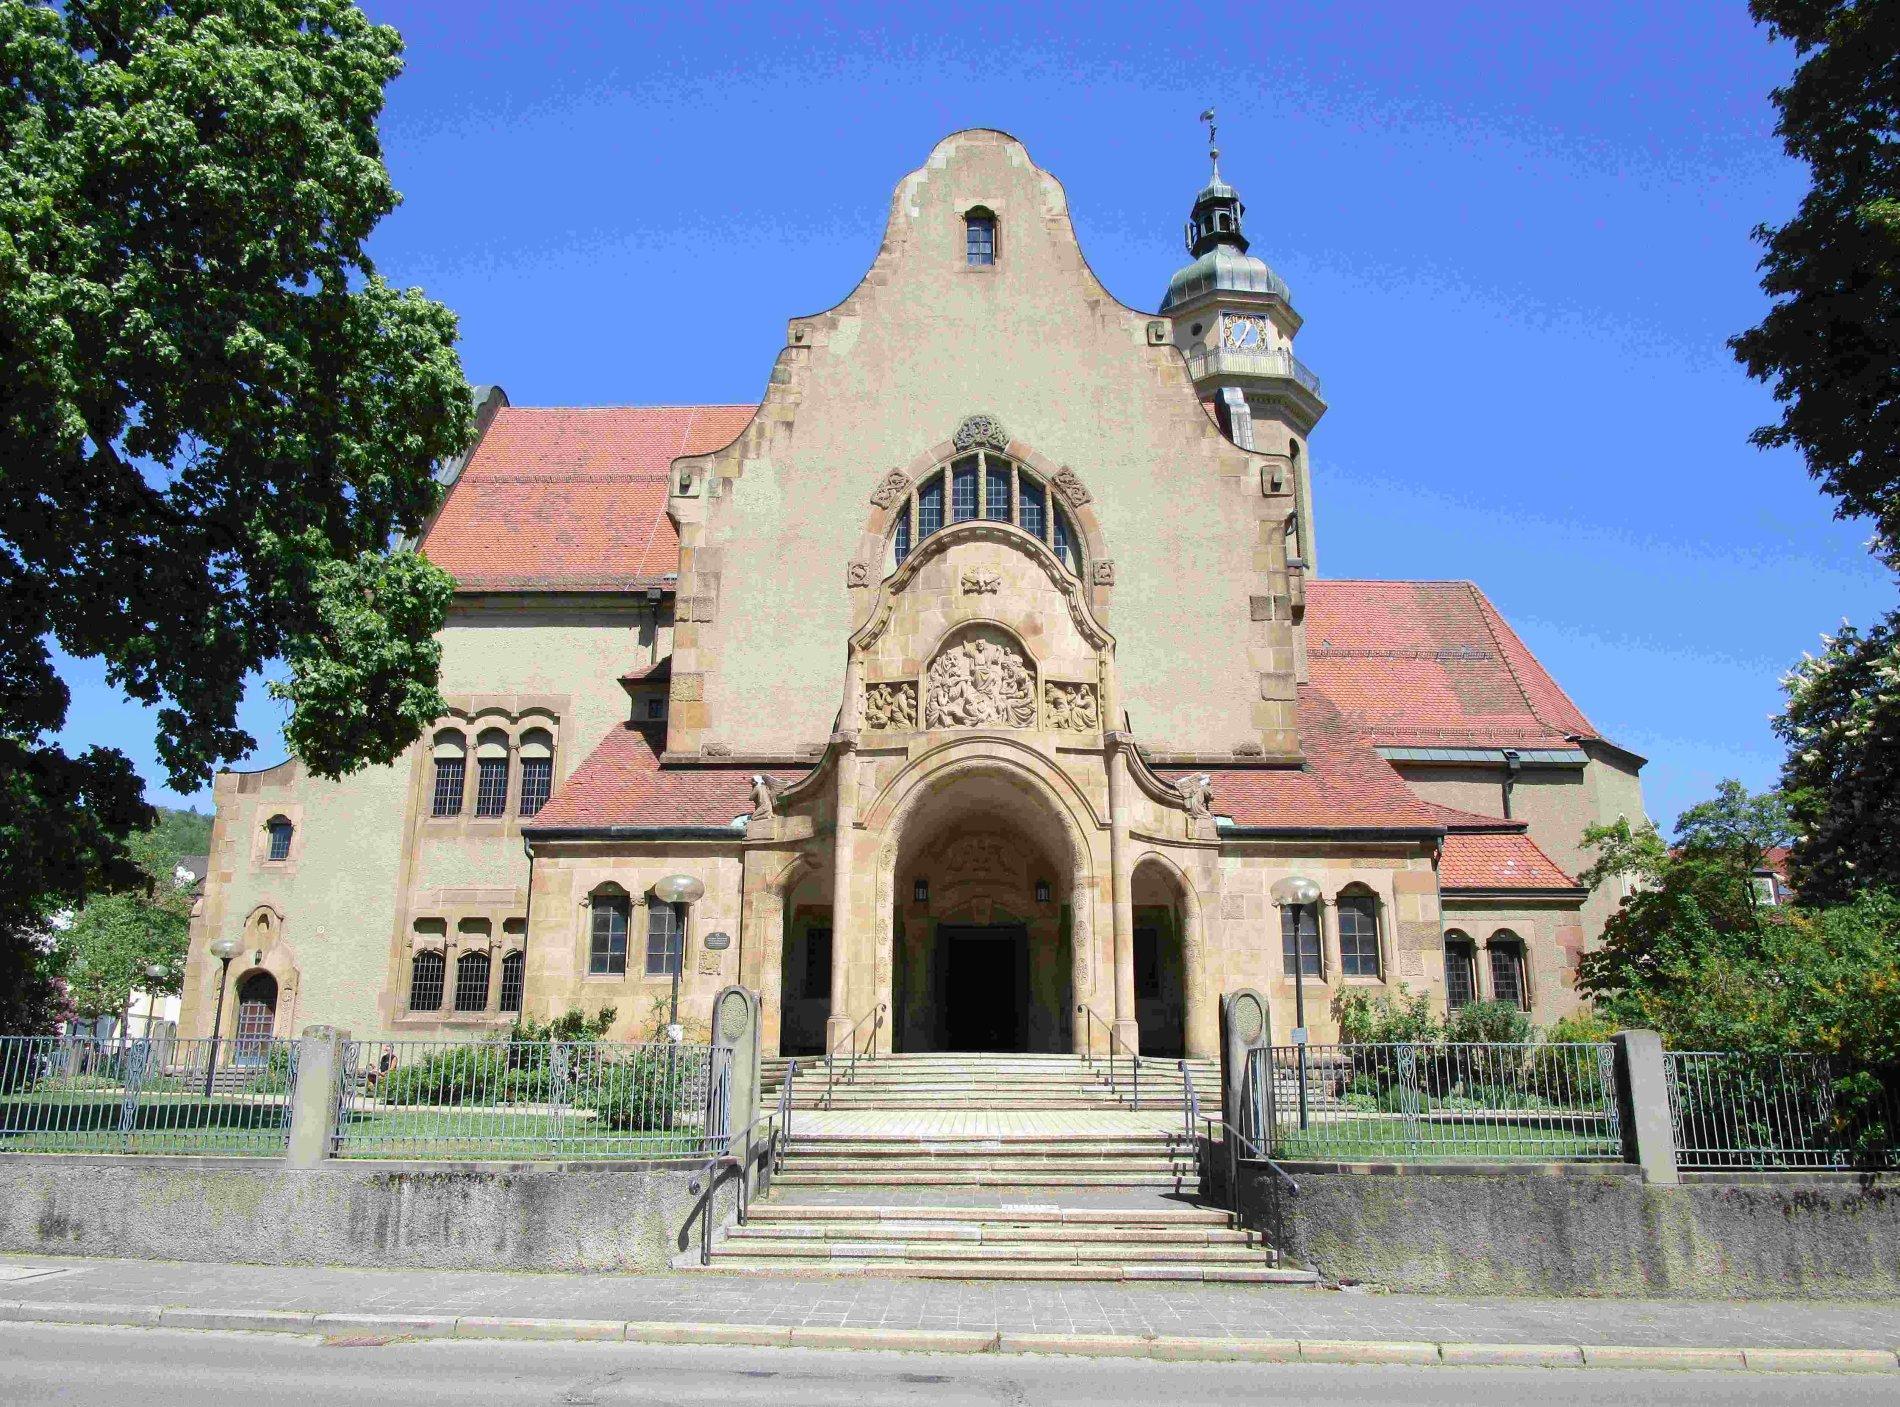 Martinskirche im Jahre 1905